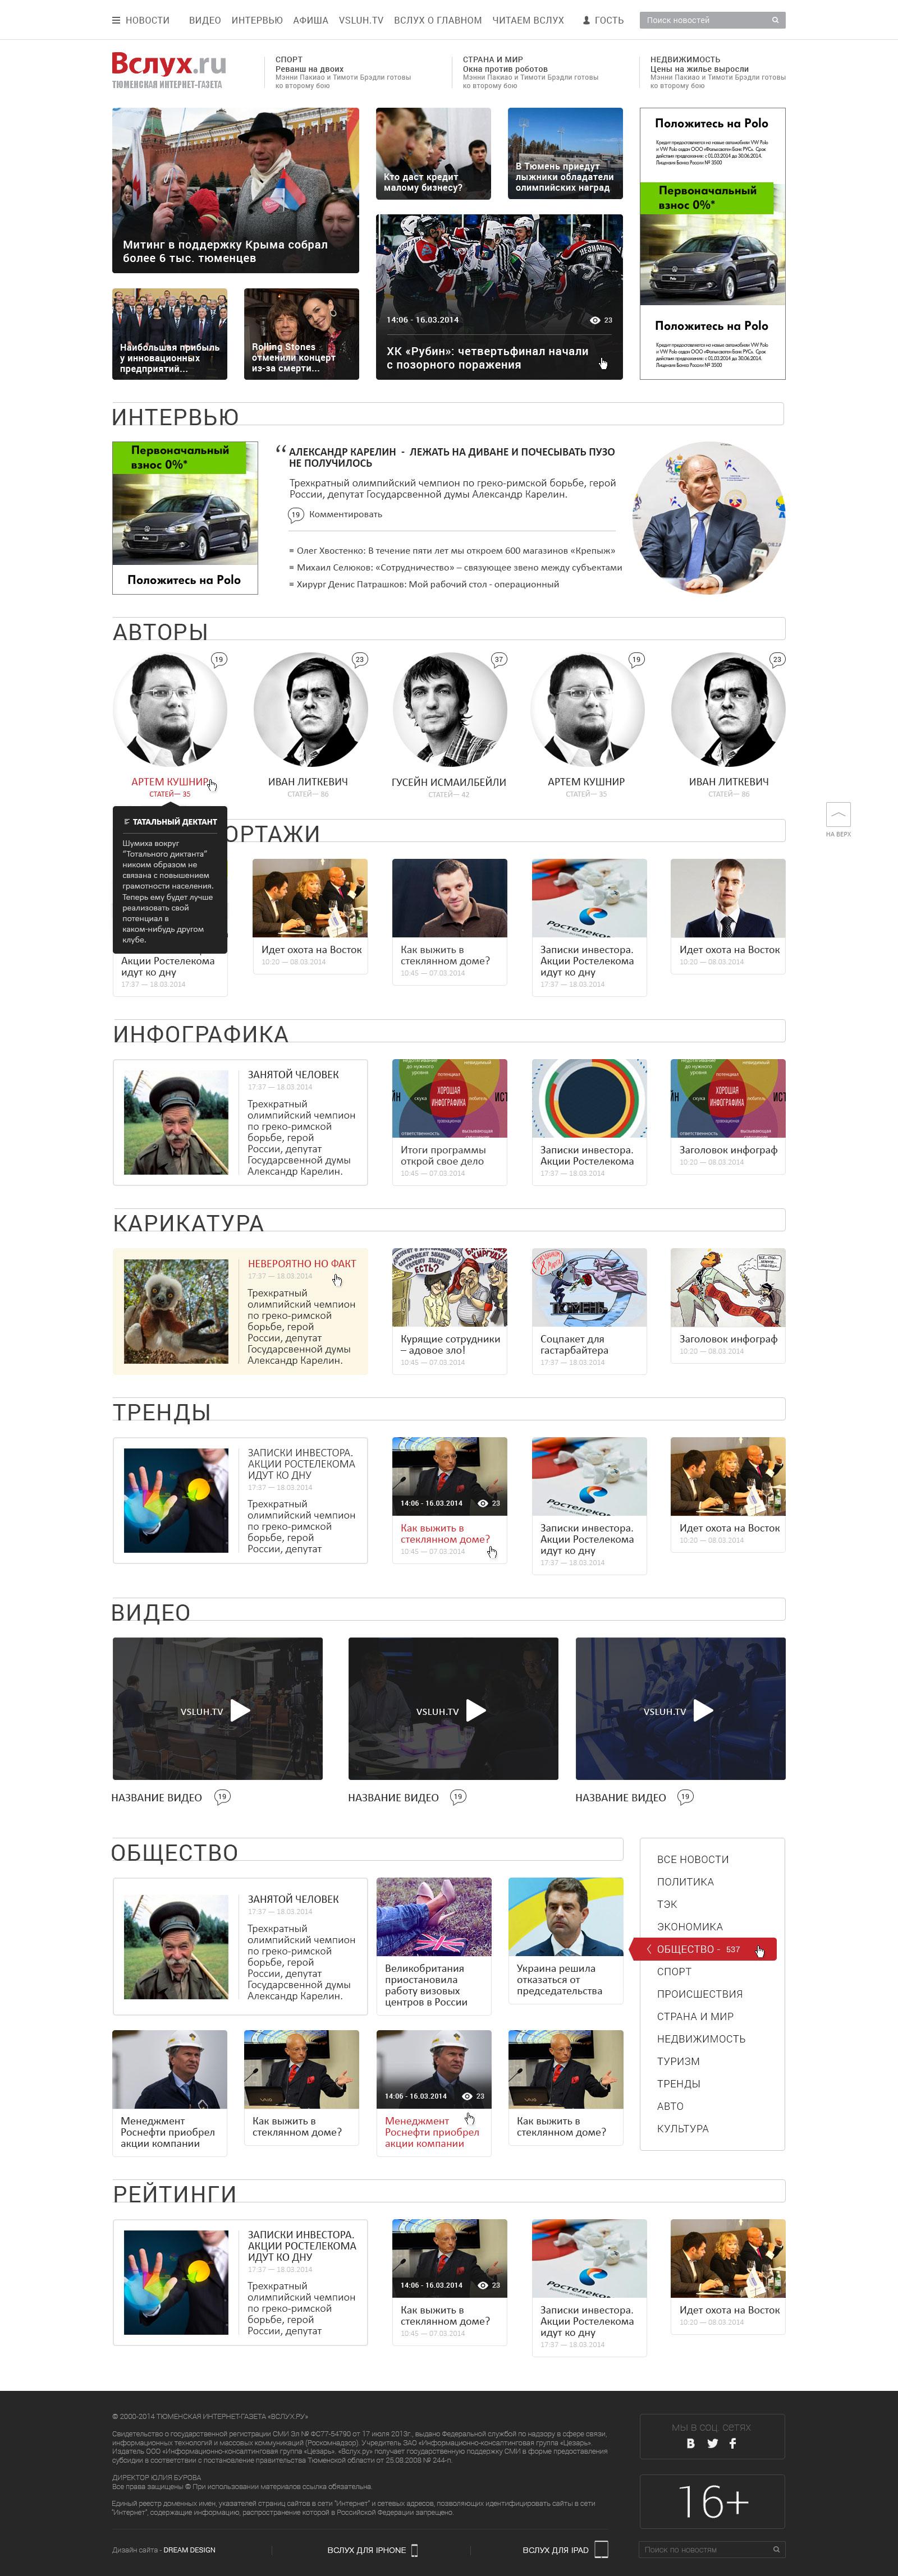 Вслух.ру - Тюменская интернет газета